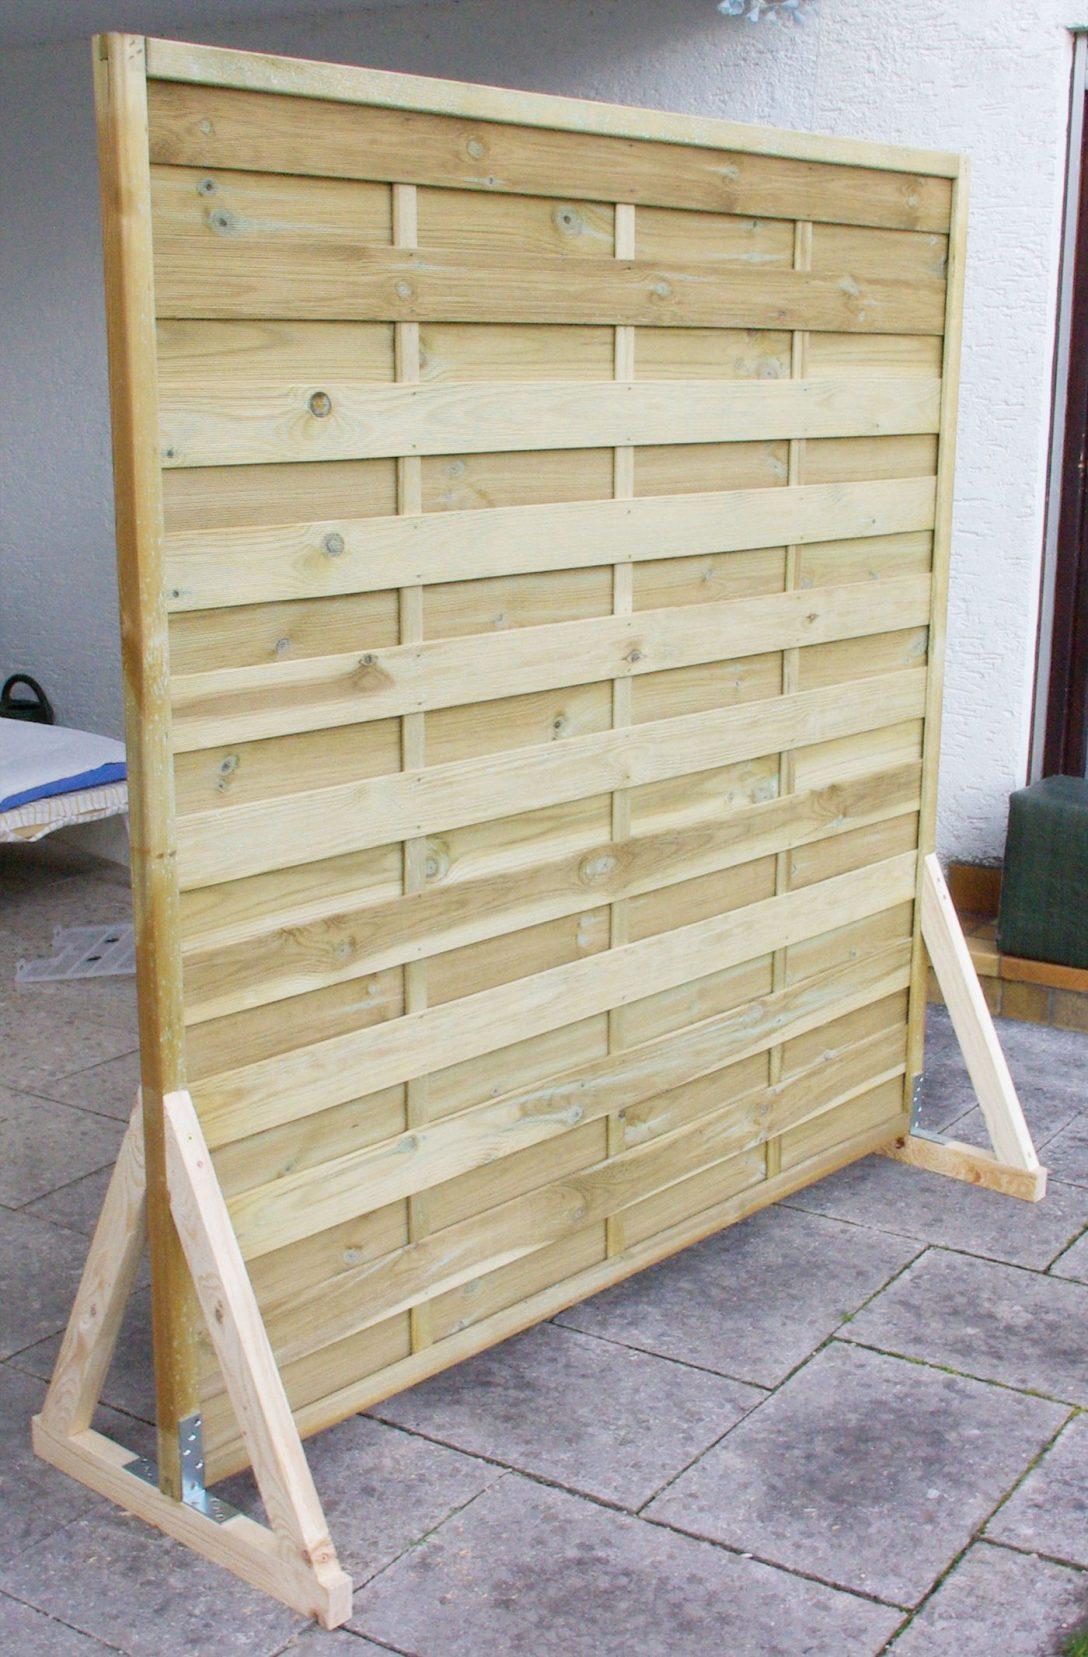 Full Size of Sichtschutz Balkon Paravent Holz Obi Sichtschutzfolie Fenster Einseitig Durchsichtig Garten Sichtschutzfolien Für Wpc Im Wohnzimmer Sichtschutz Balkon Paravent